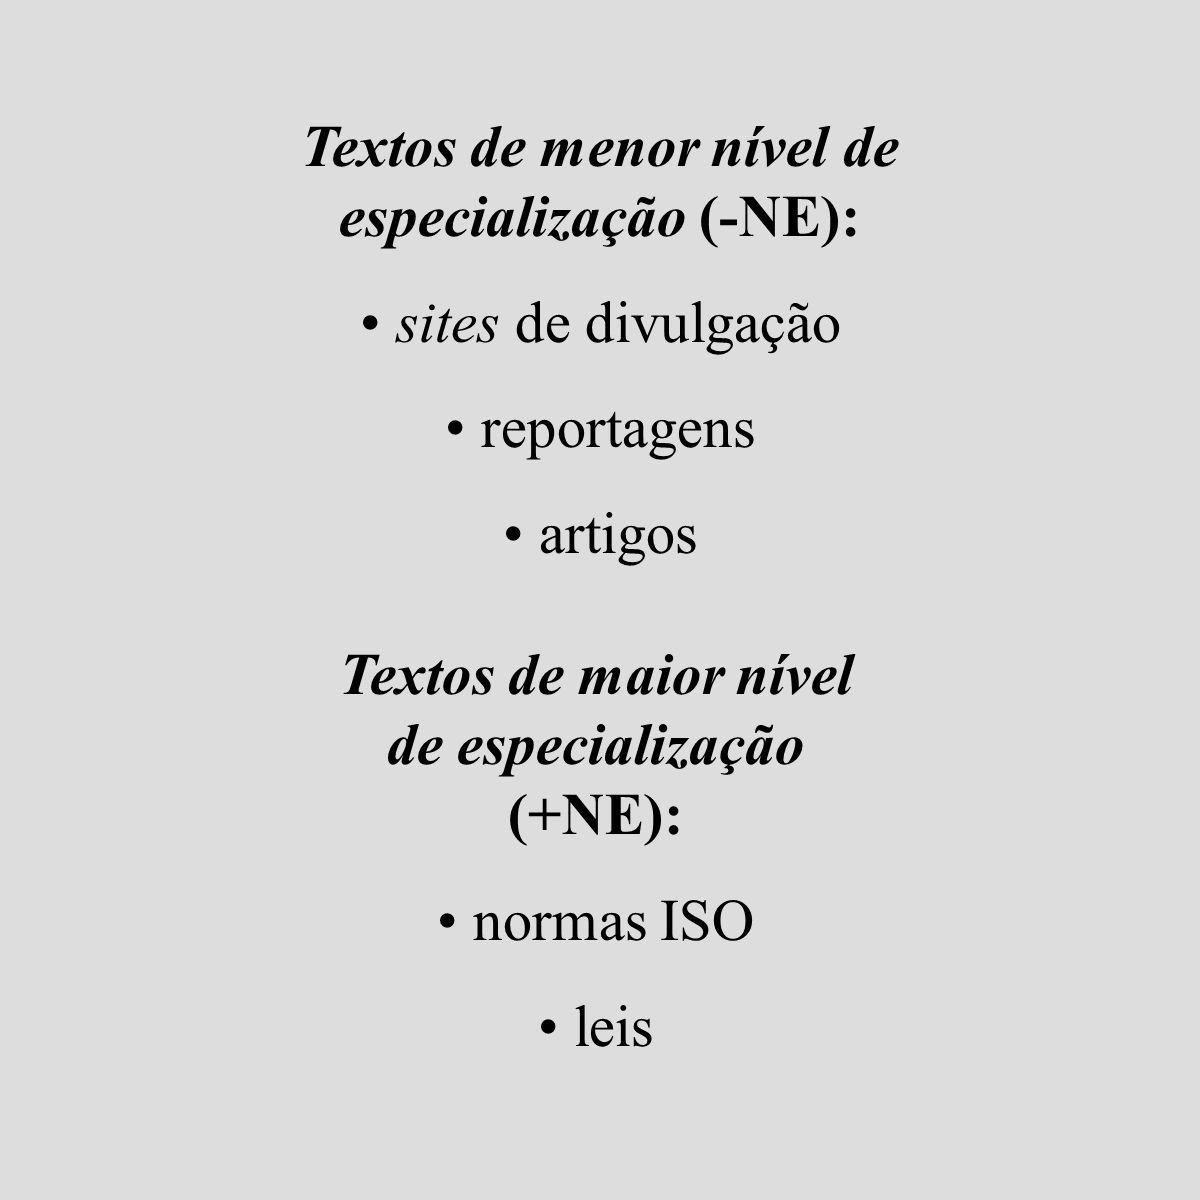 Textos de menor nível de especialização (-NE):